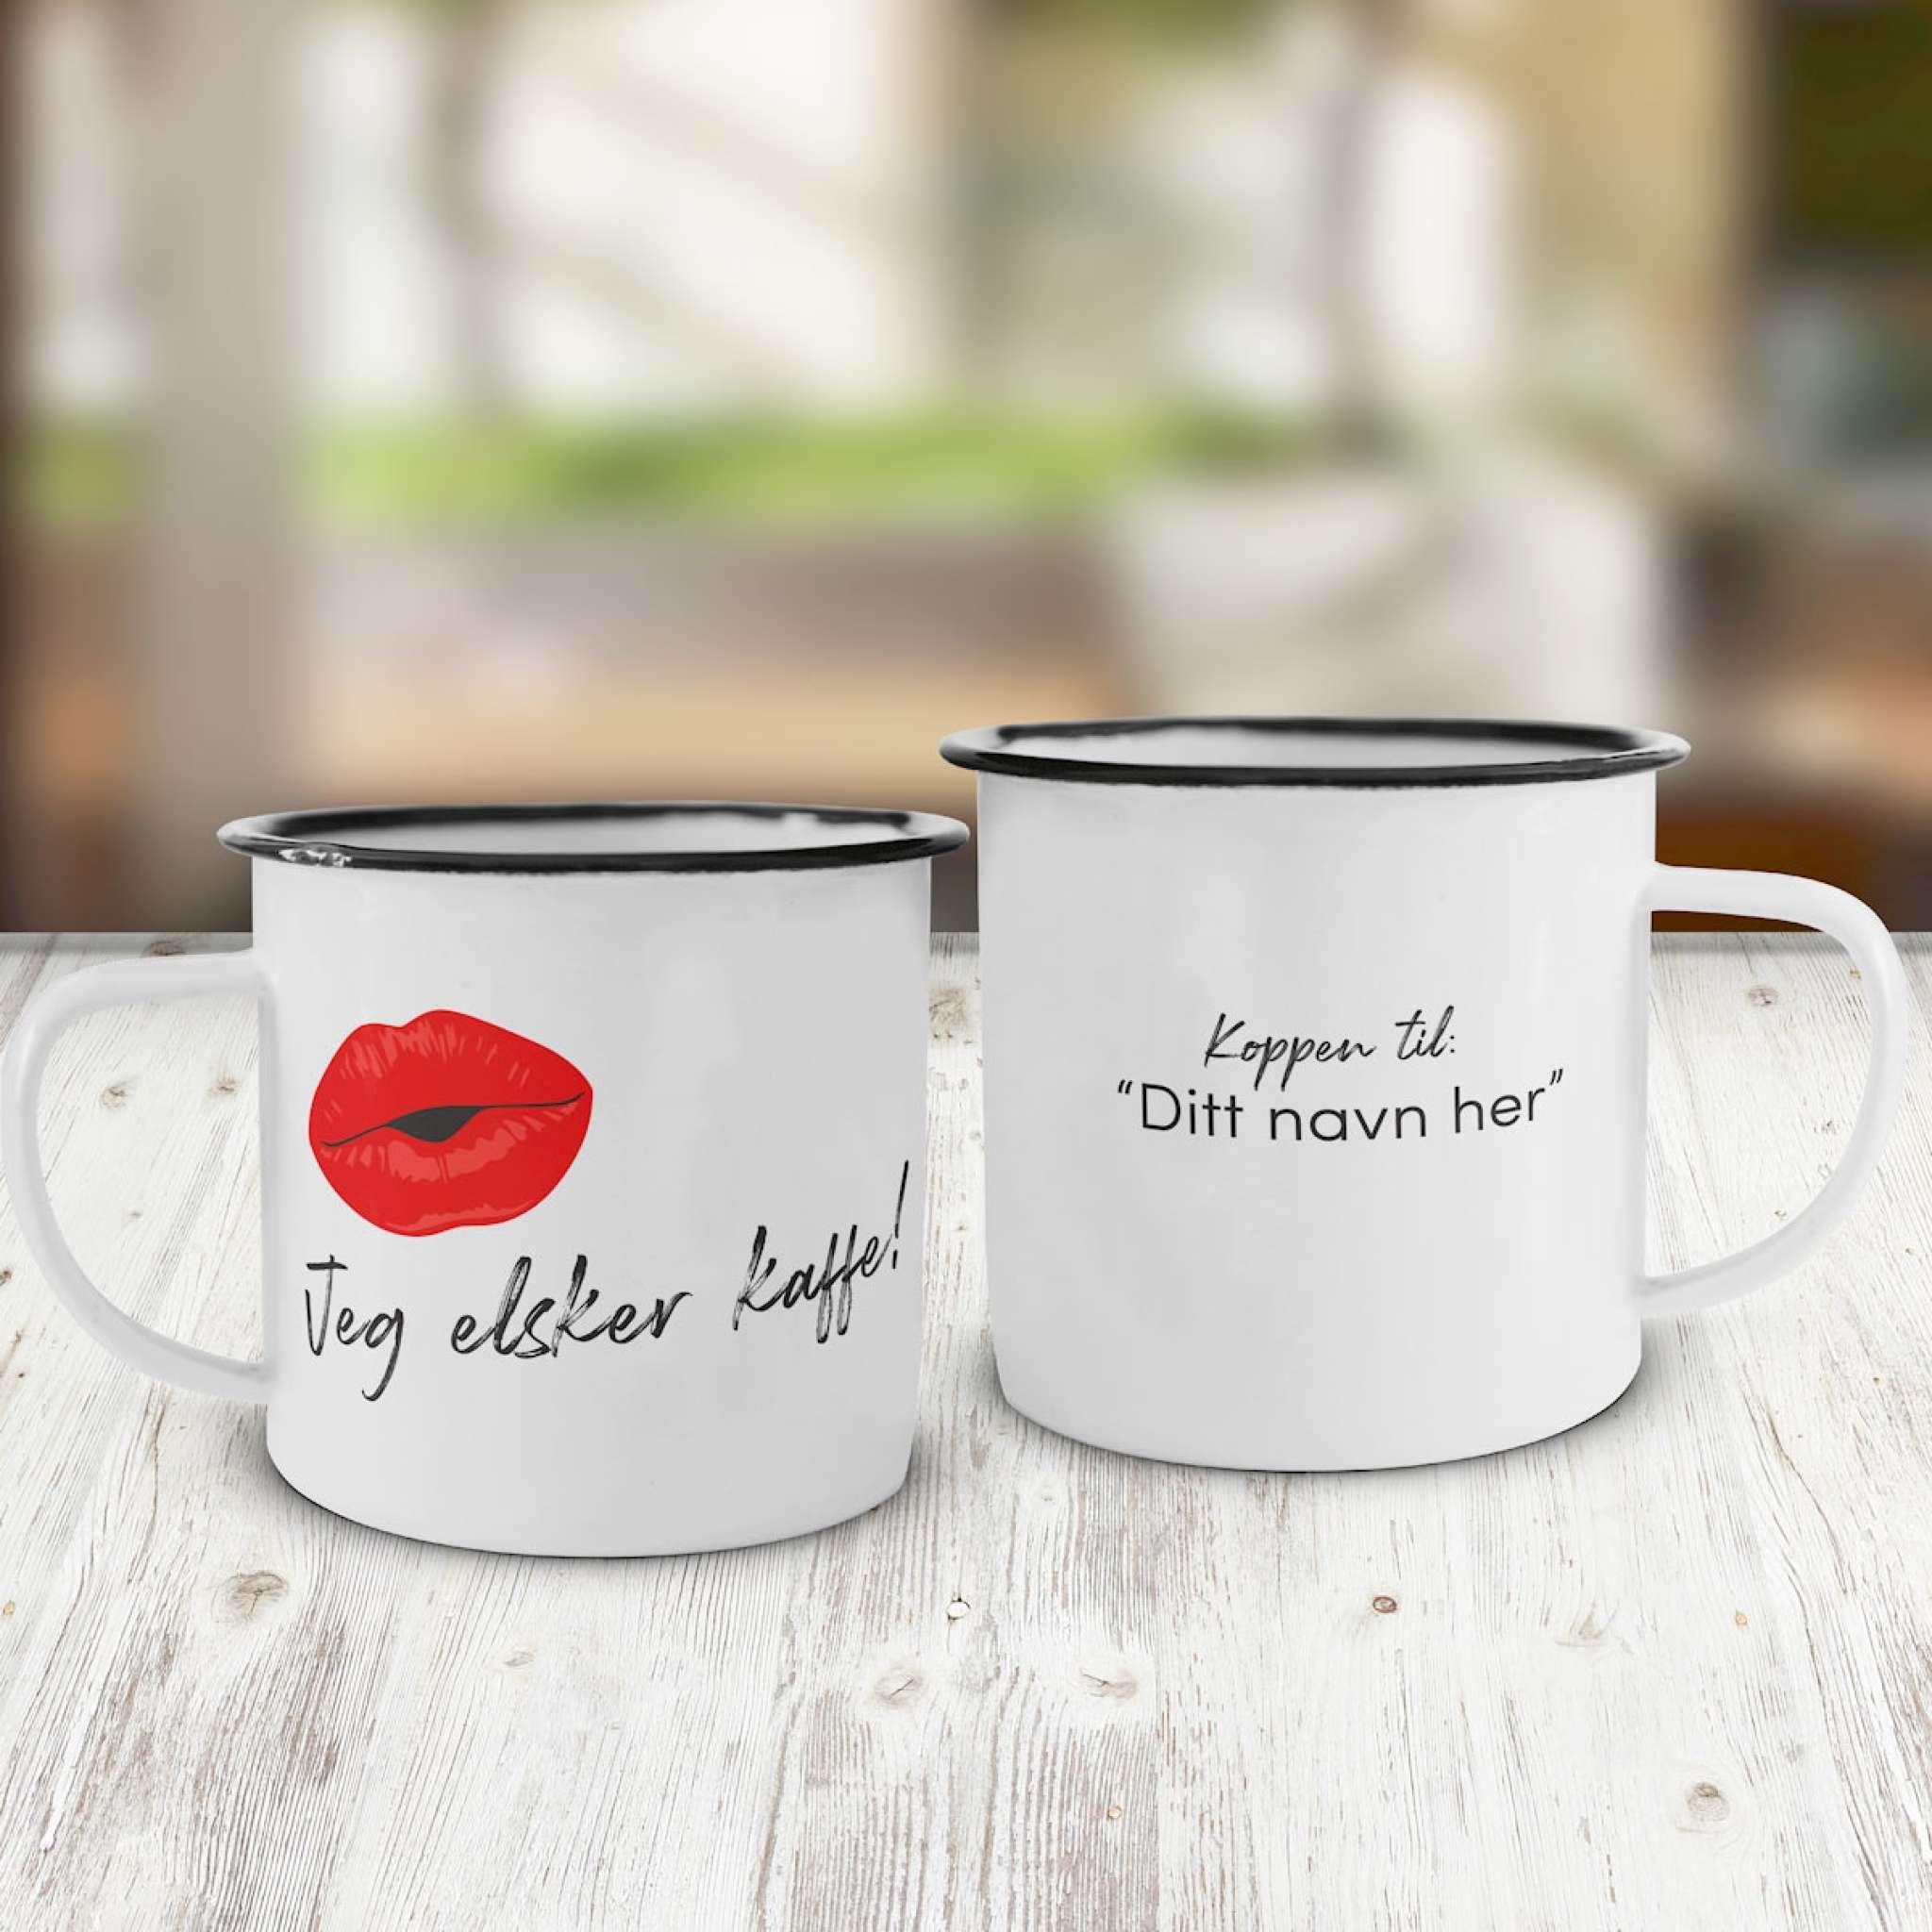 Emaljekopp, Elsker kaffe